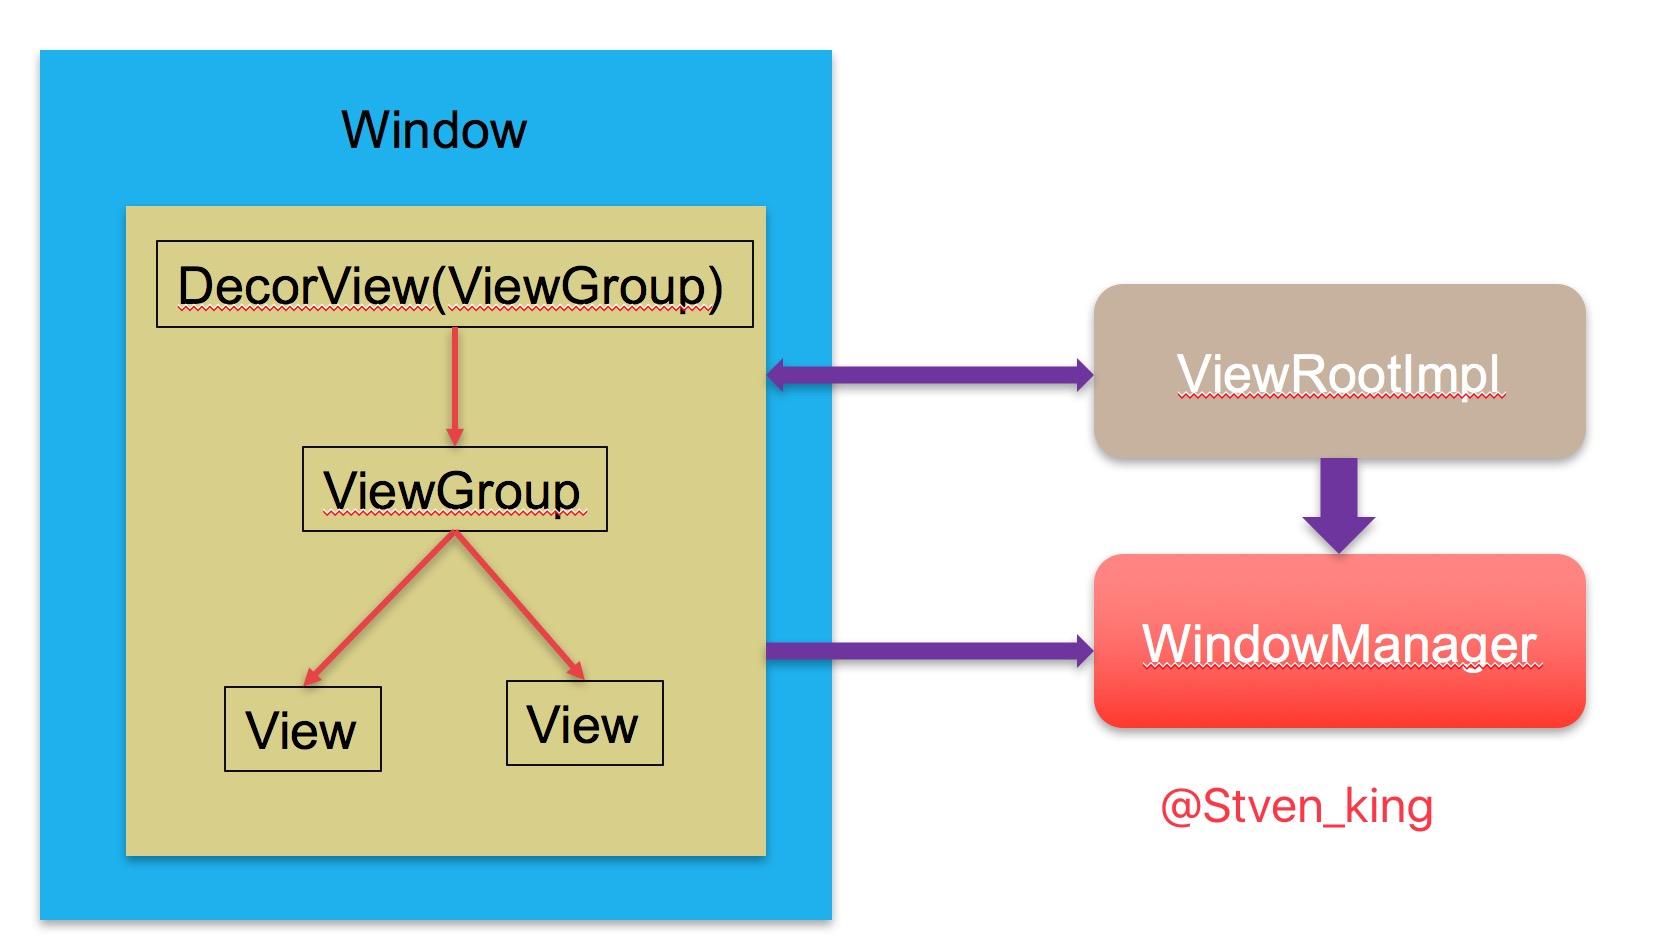 ViewRootImpl.jpg